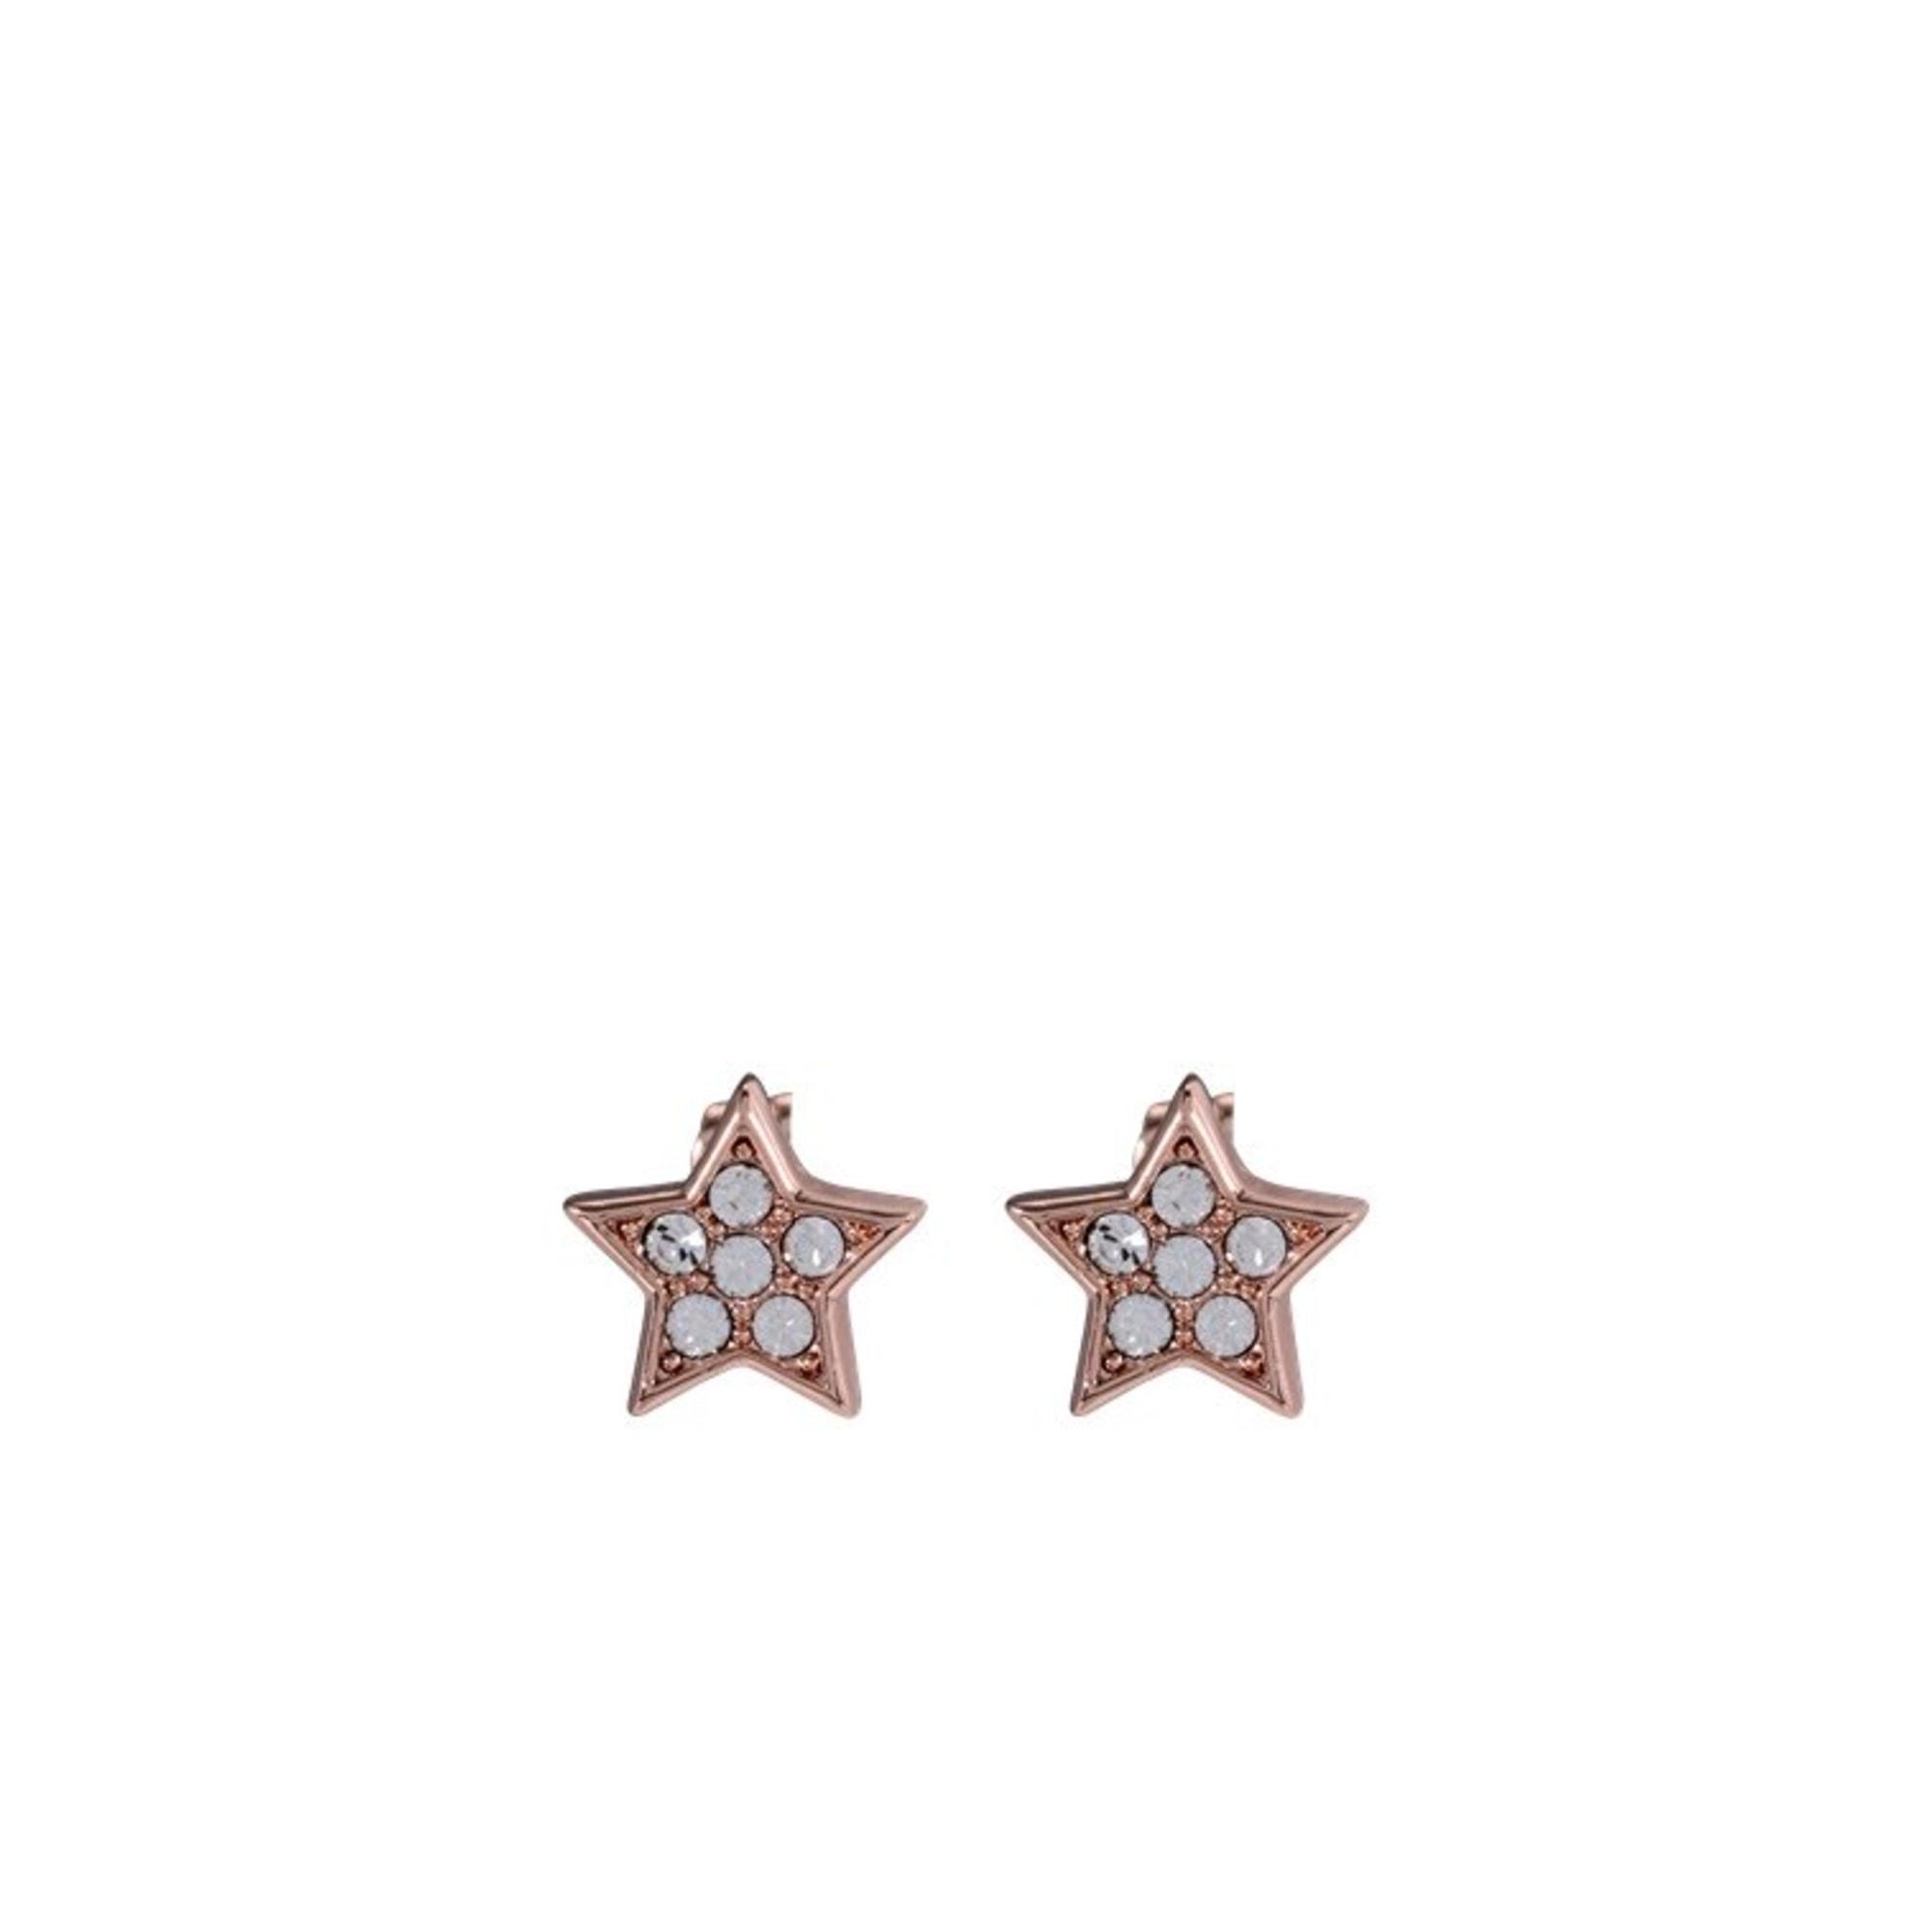 Boucles d'oreille TED BAKER métal doré